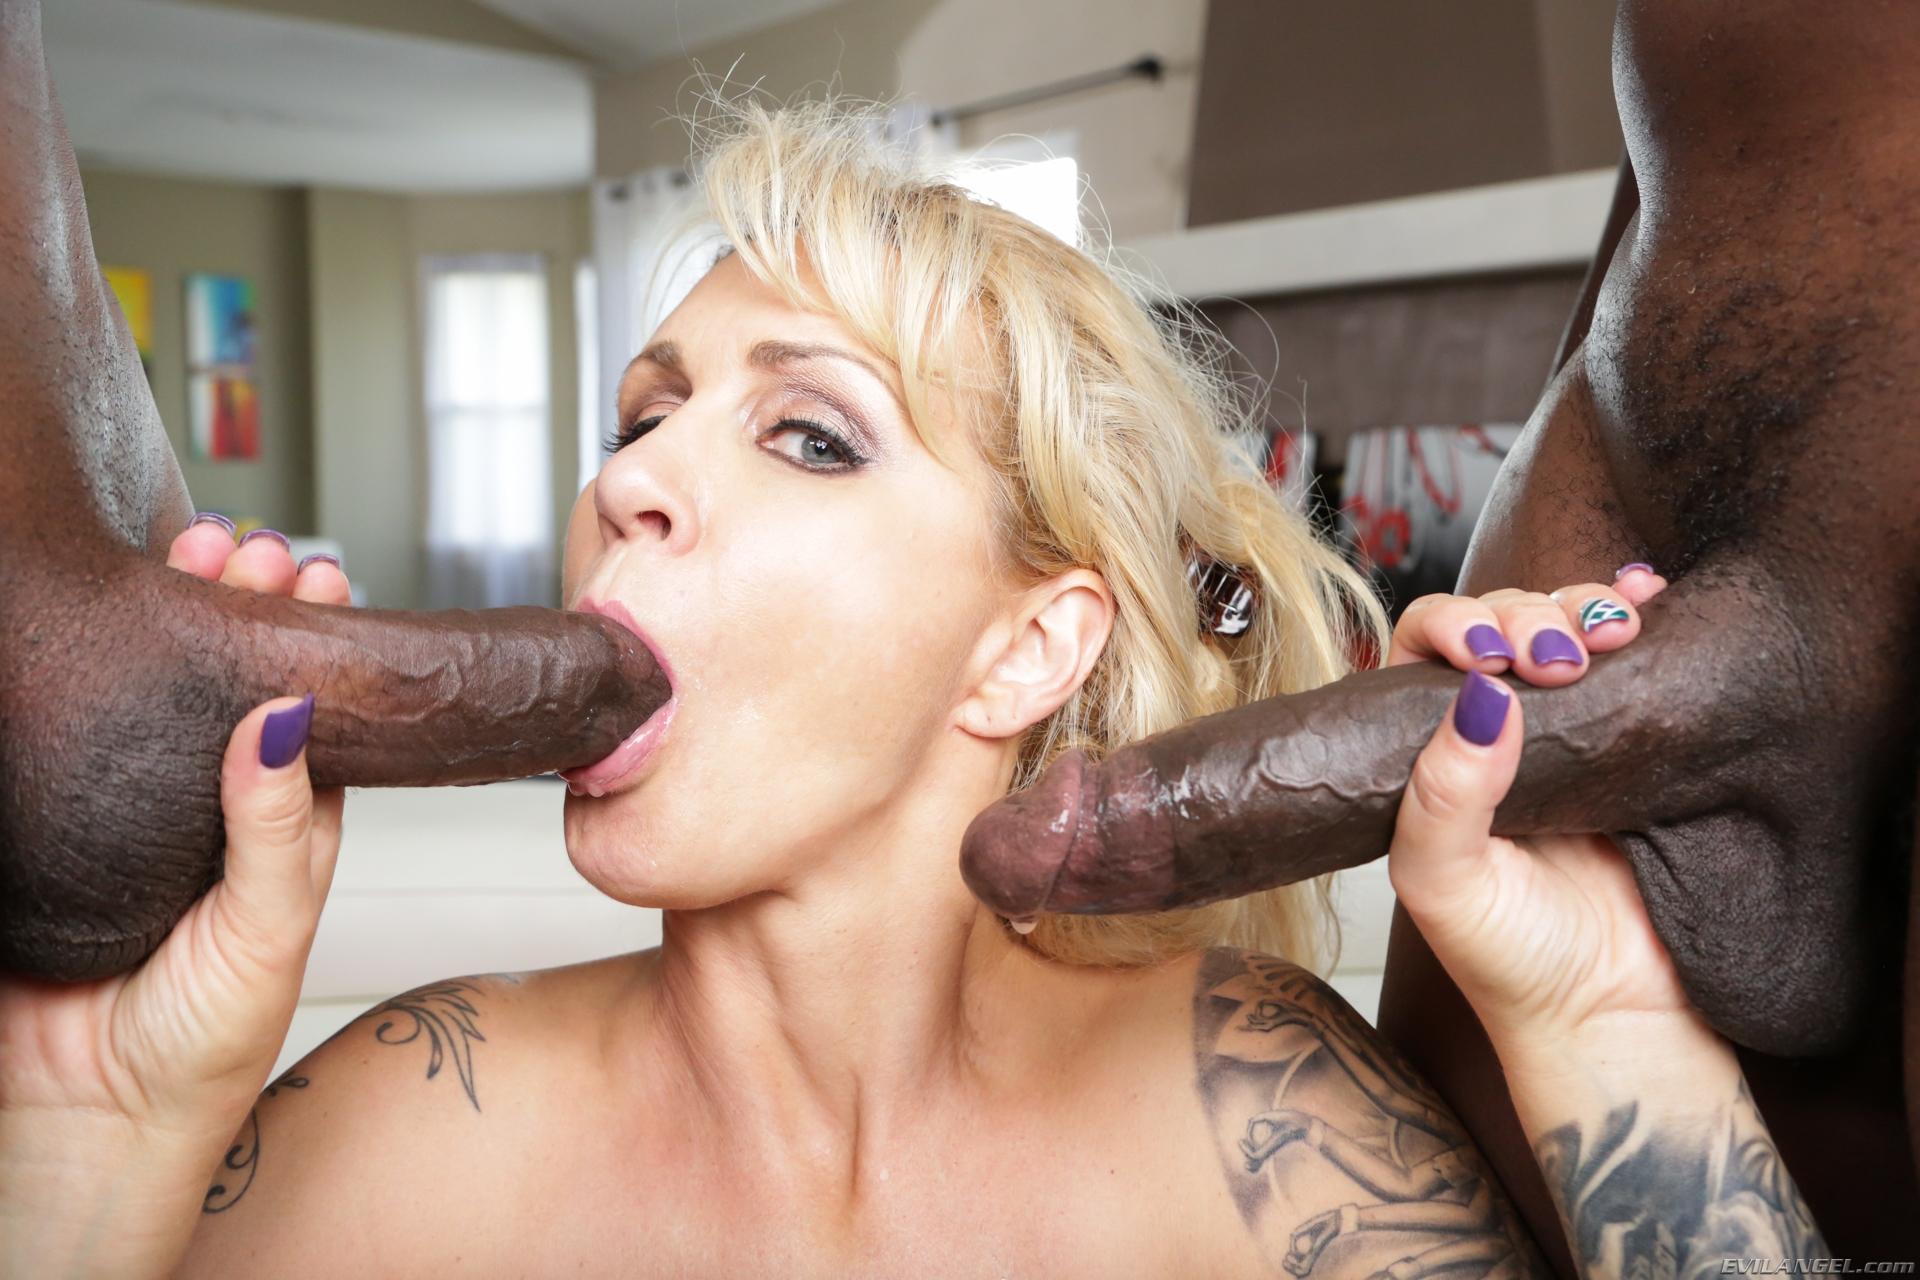 Зрелую блондинку трахают втроем, сладкий секс фото-видео